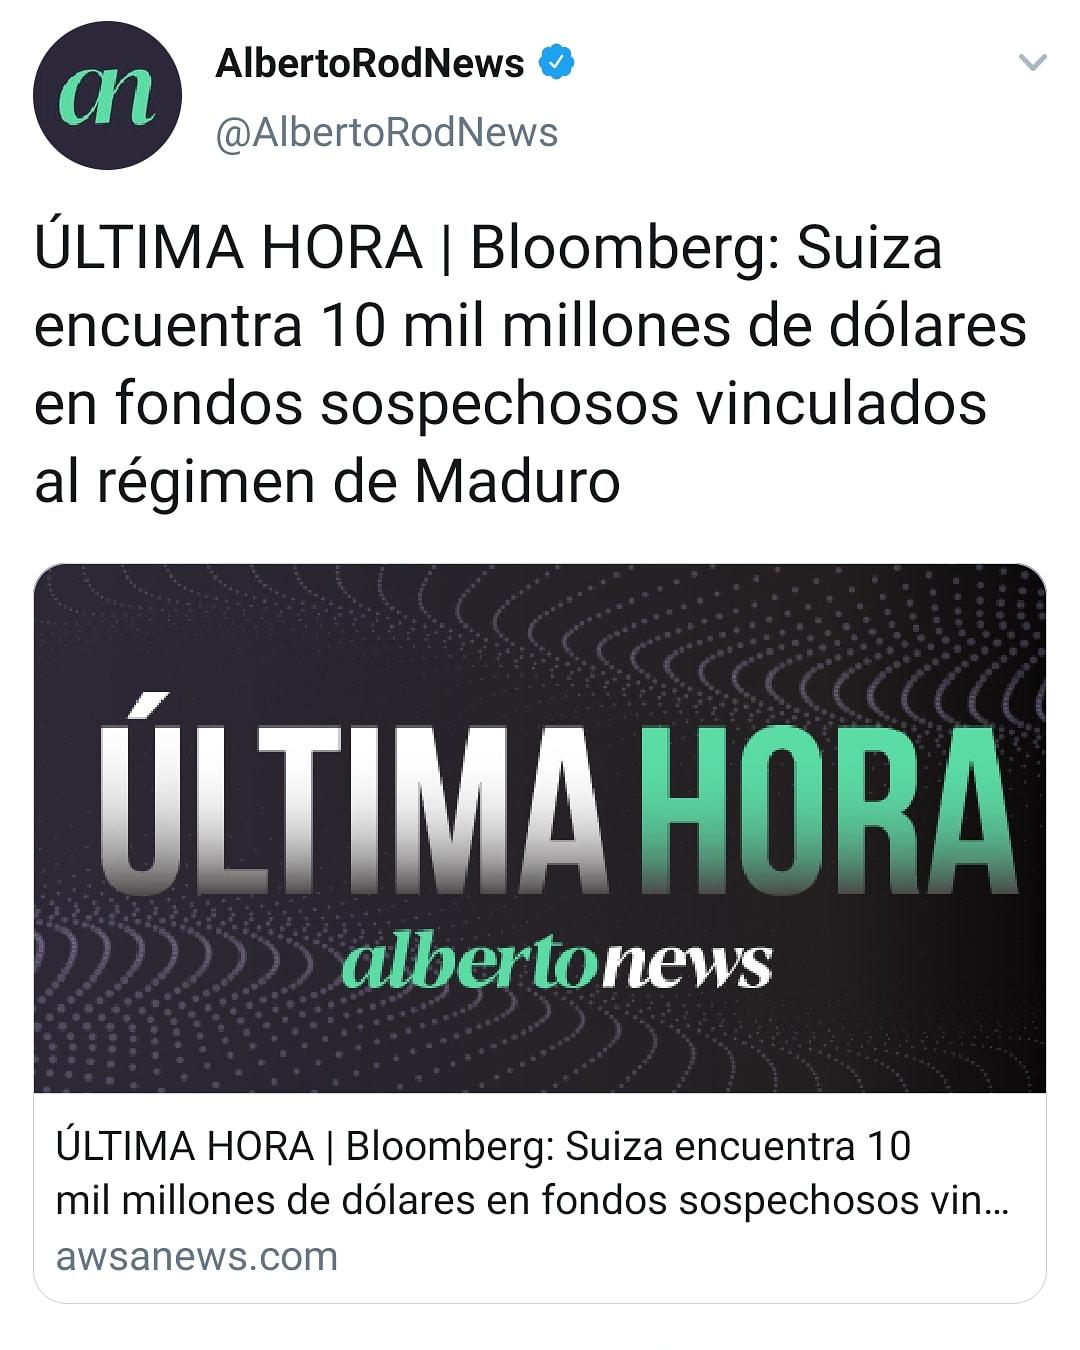 ¿Suiza encontró $10.000 millones en fondos sospechosos vinculados al gobierno de Maduro?